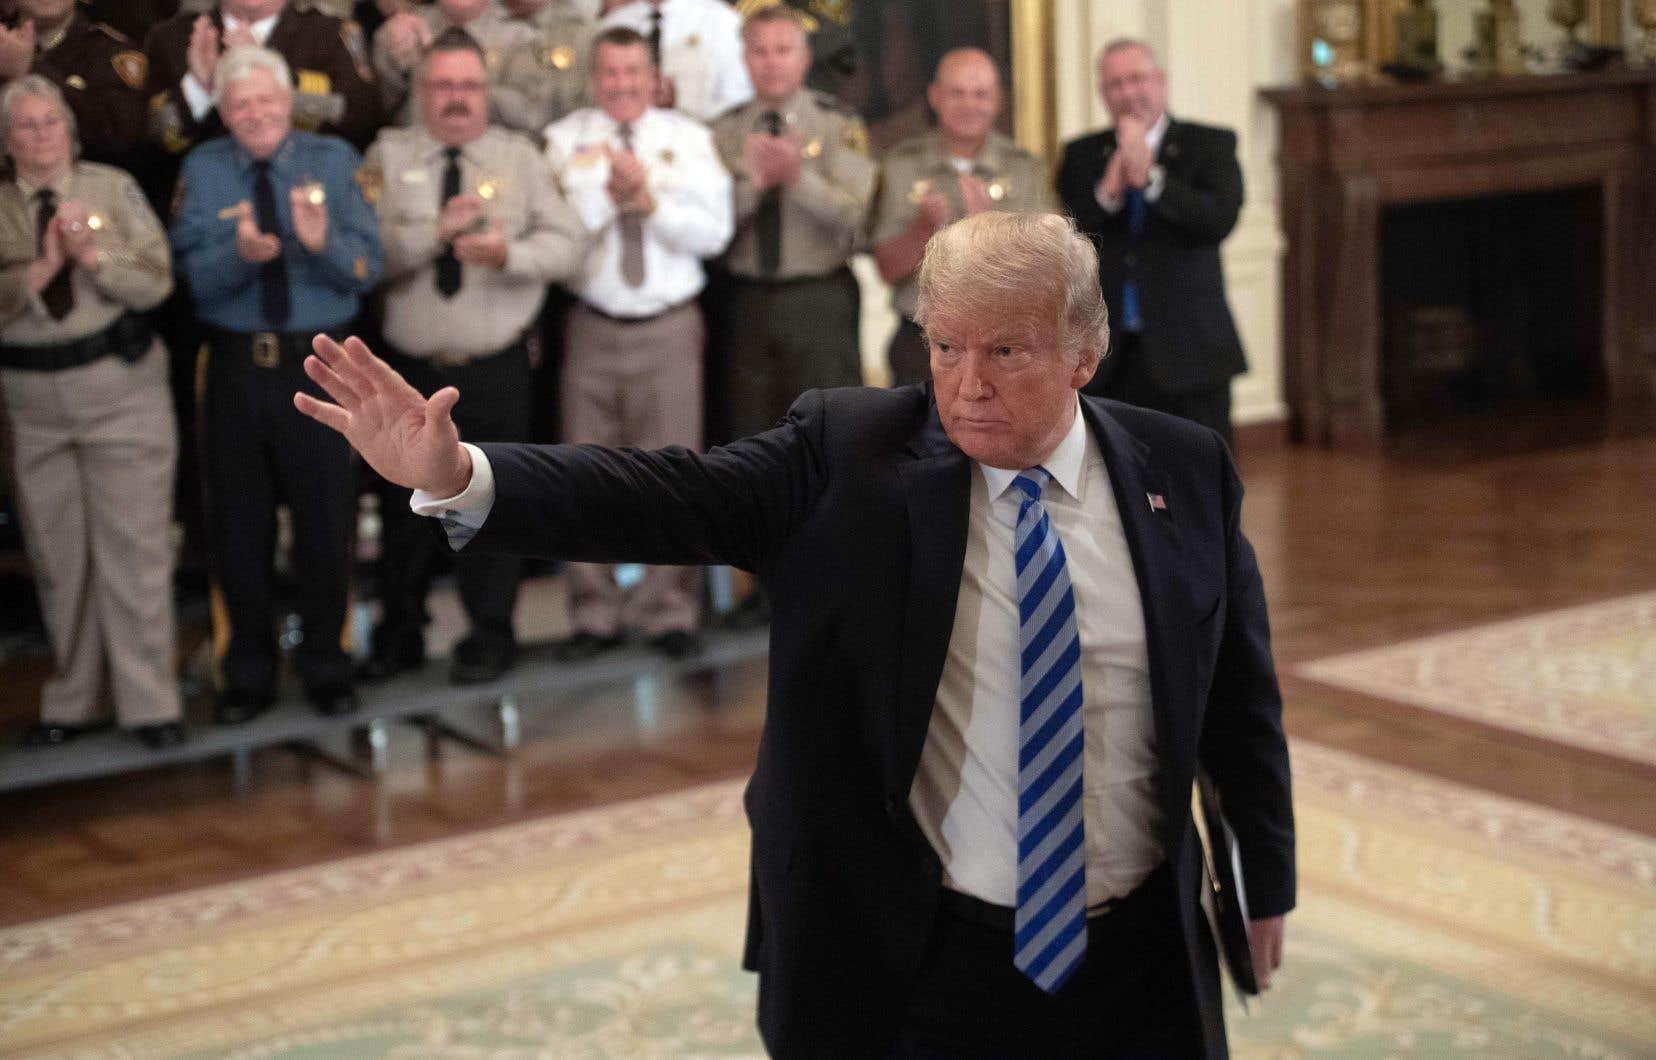 Donald Trumpa immédiatement dénoncé un texte «lâche».